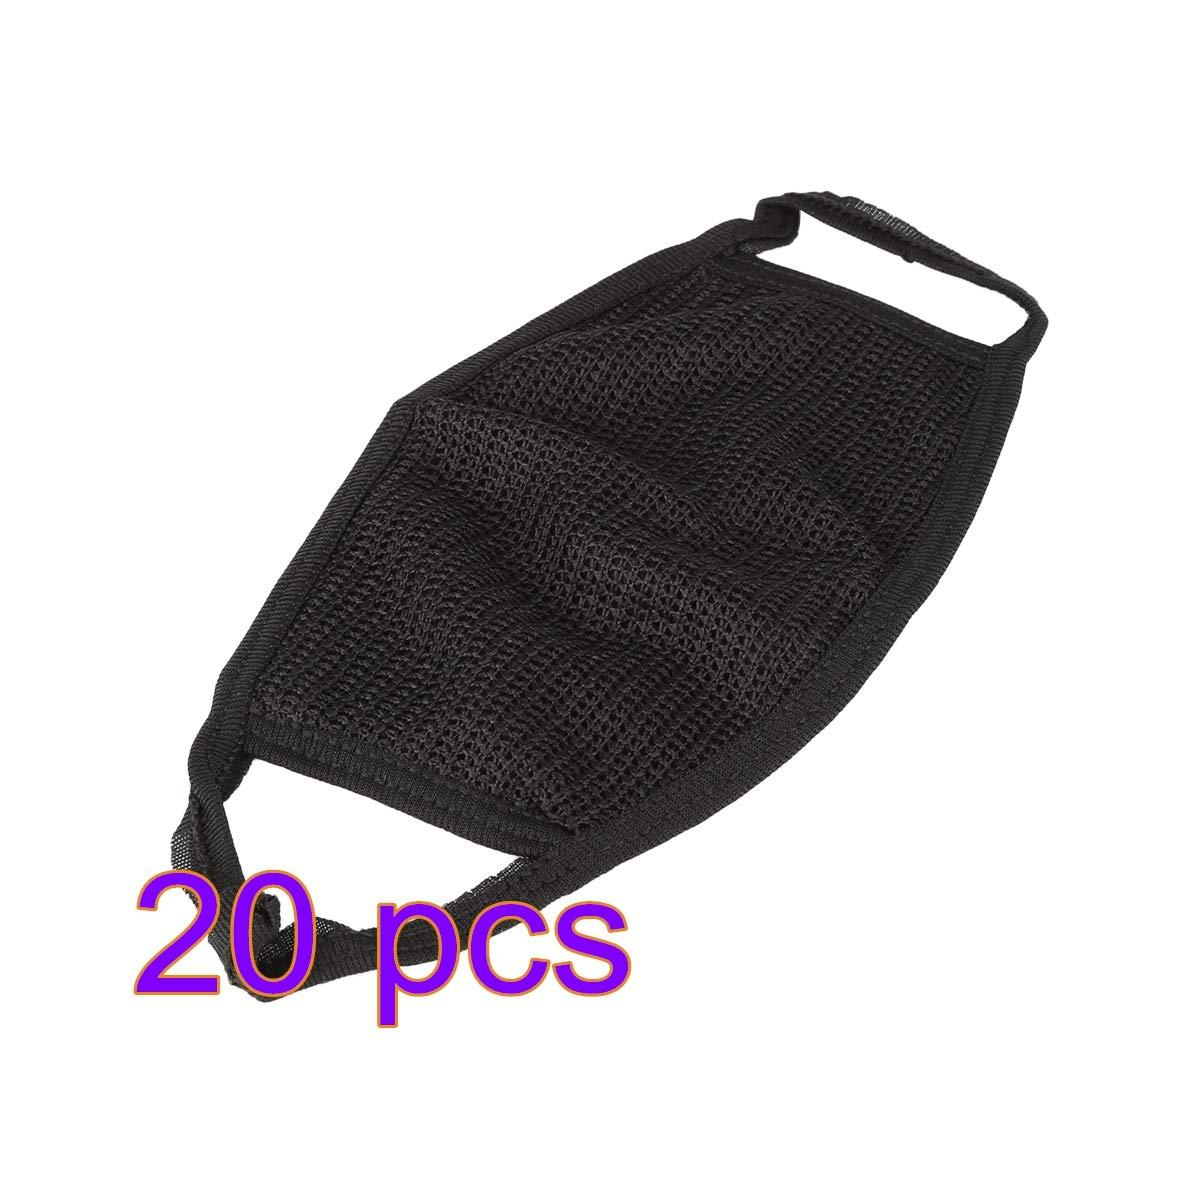 SHUHU Máscaras faciales Antipolvo de algodón Negro Ciclismo con Chimenea Máscara Facial de Boca Respirador de mufla bucal Unisex para Deportes al Aire Libre